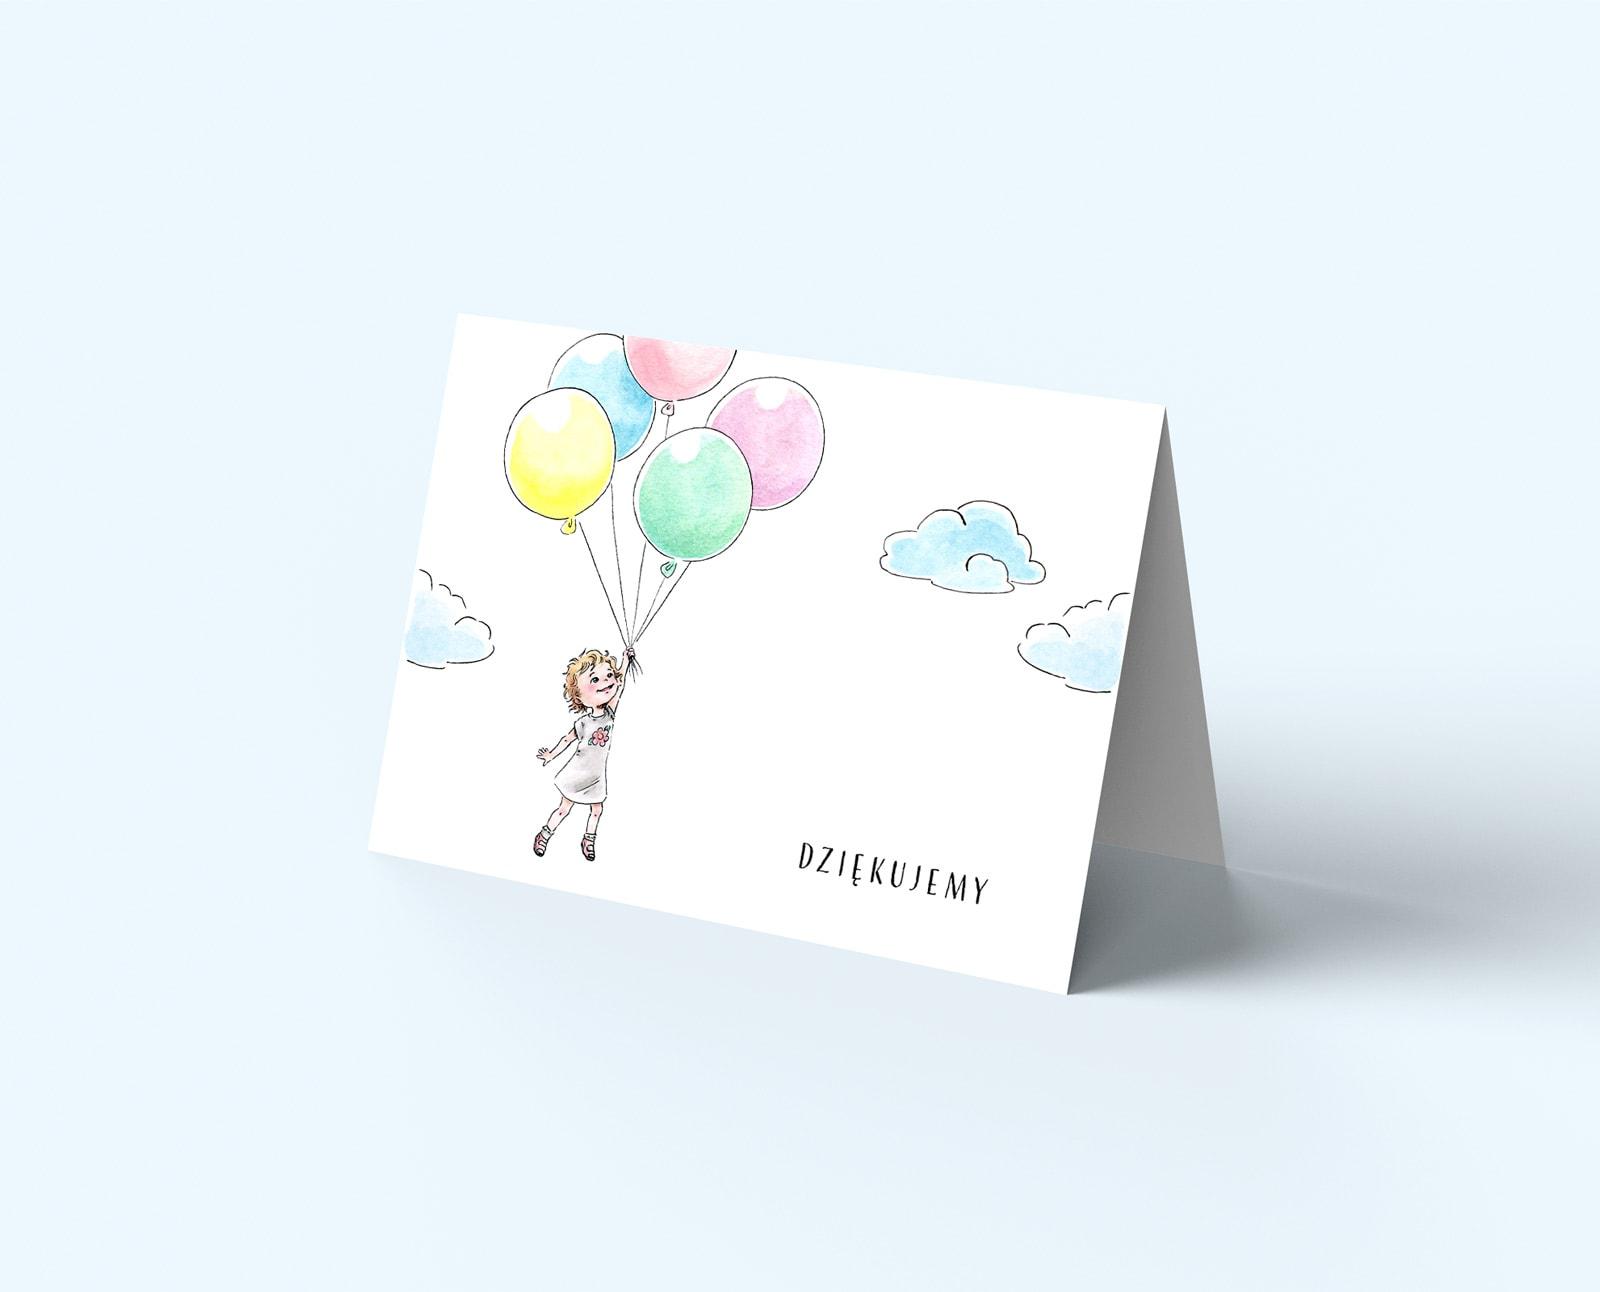 Składane kartki z podziękowaniami, kolorowa okładka z dziewczynką z balonami